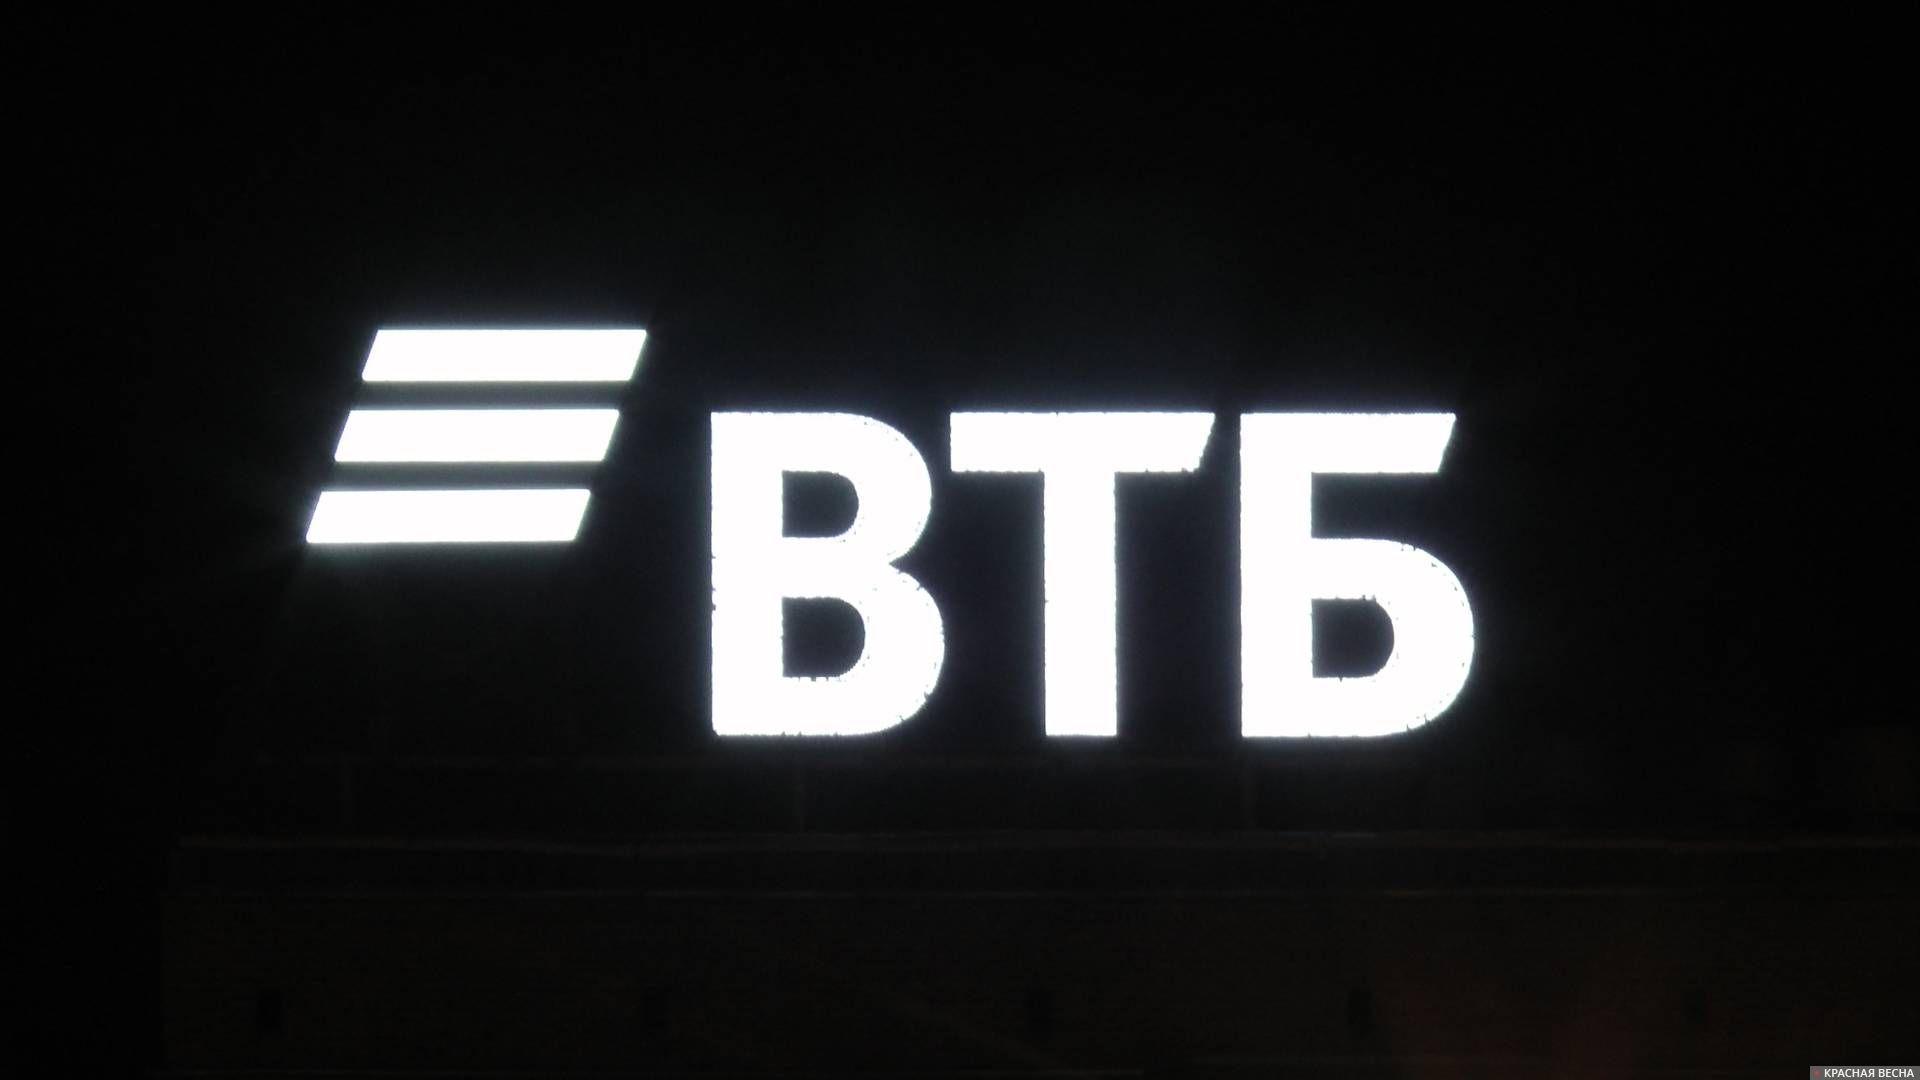 ВТБ. Банк.